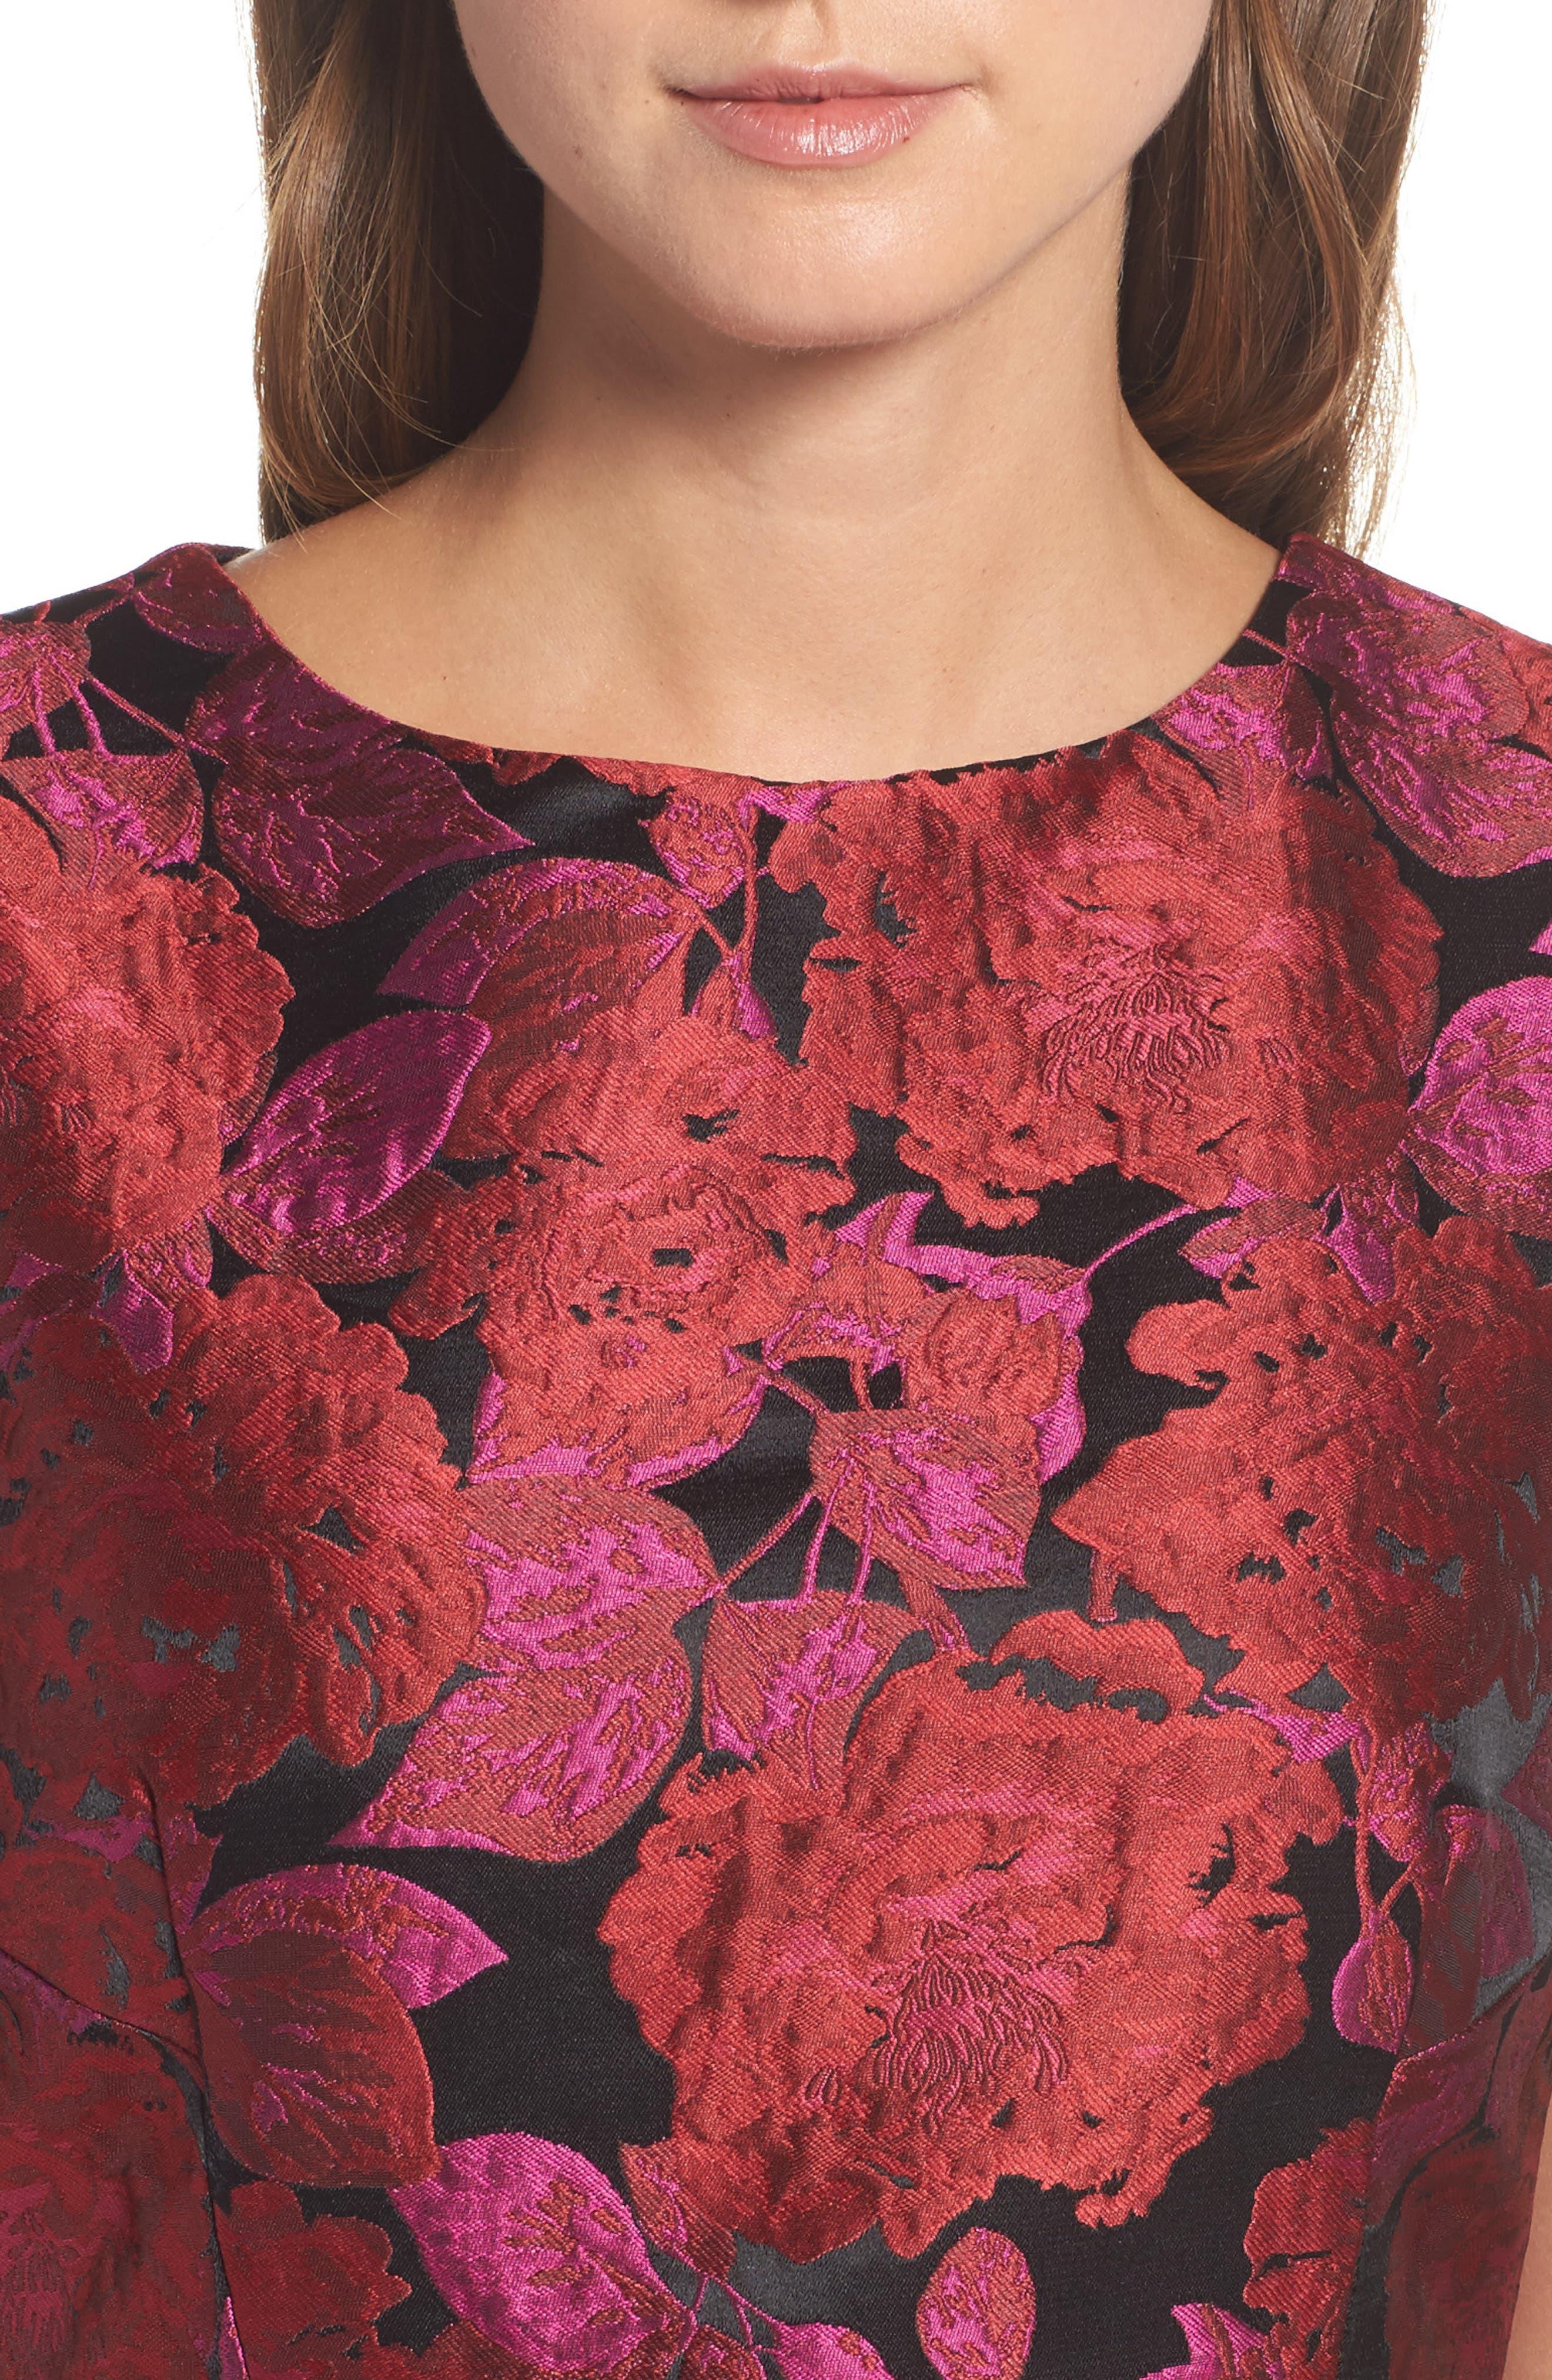 Jacquard Fit & Flare Dress,                             Alternate thumbnail 4, color,                             635